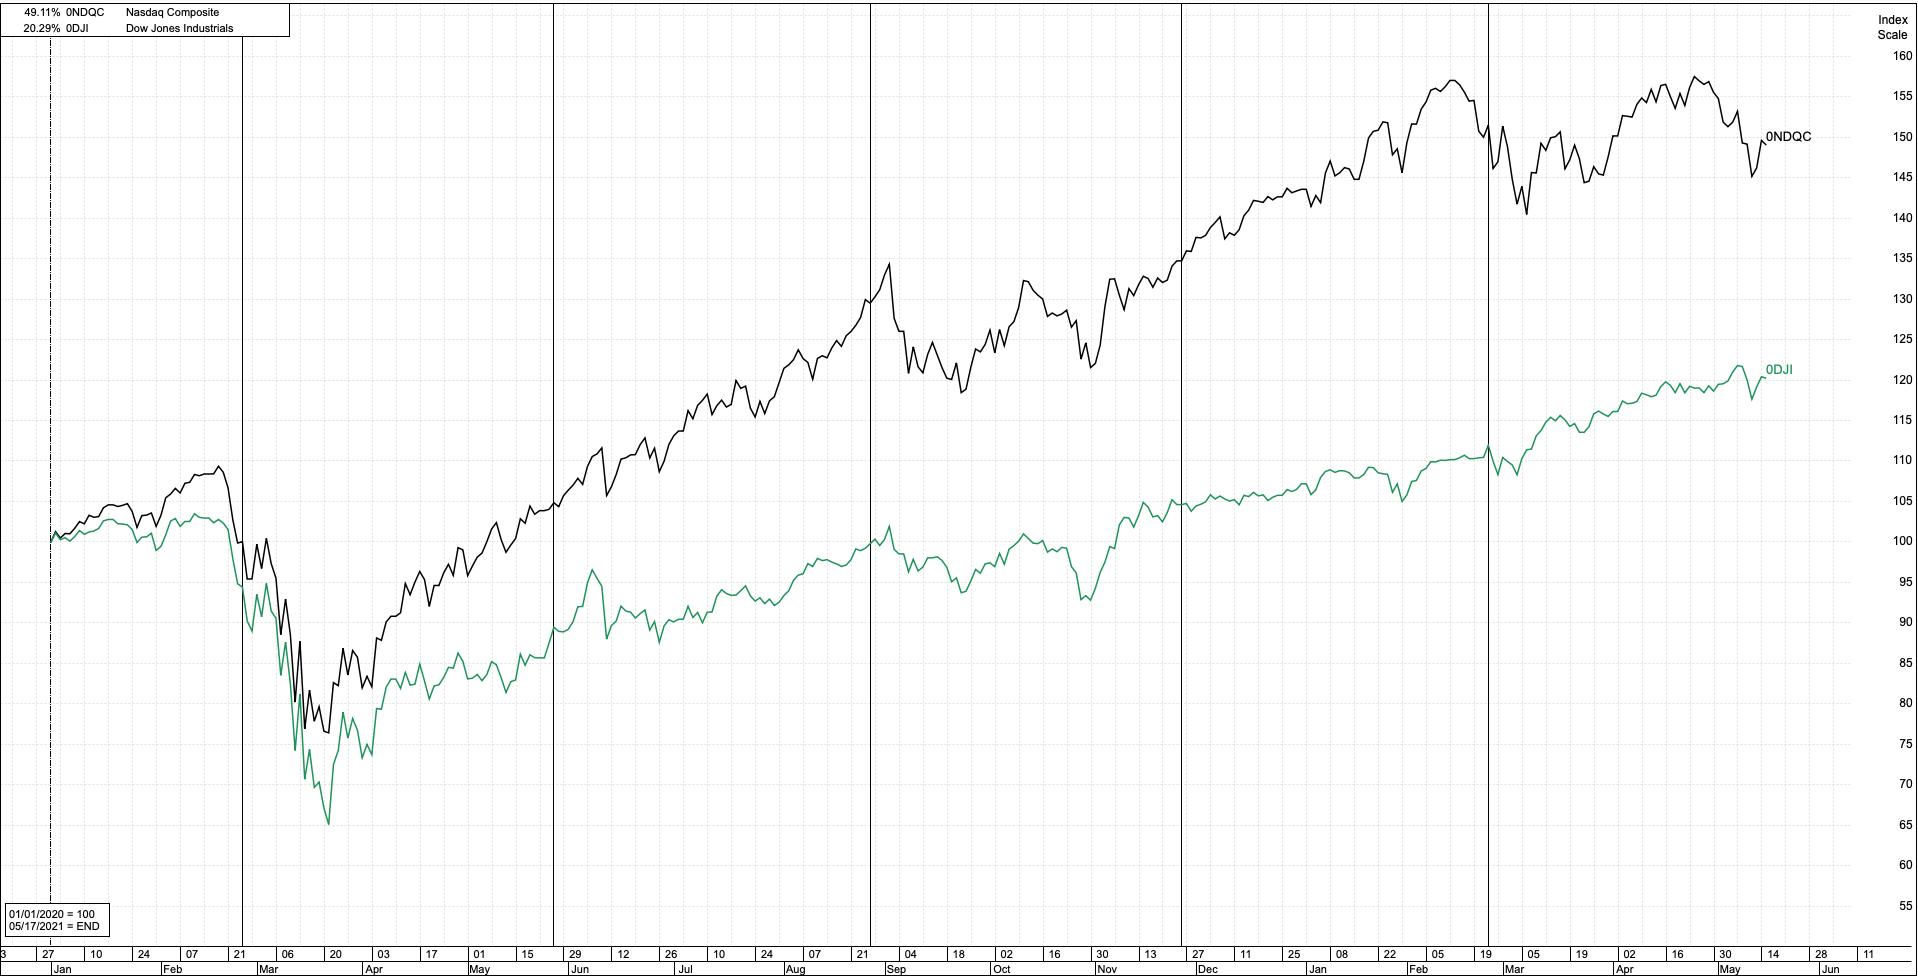 ナスダック総合指数とダウ平均の比較